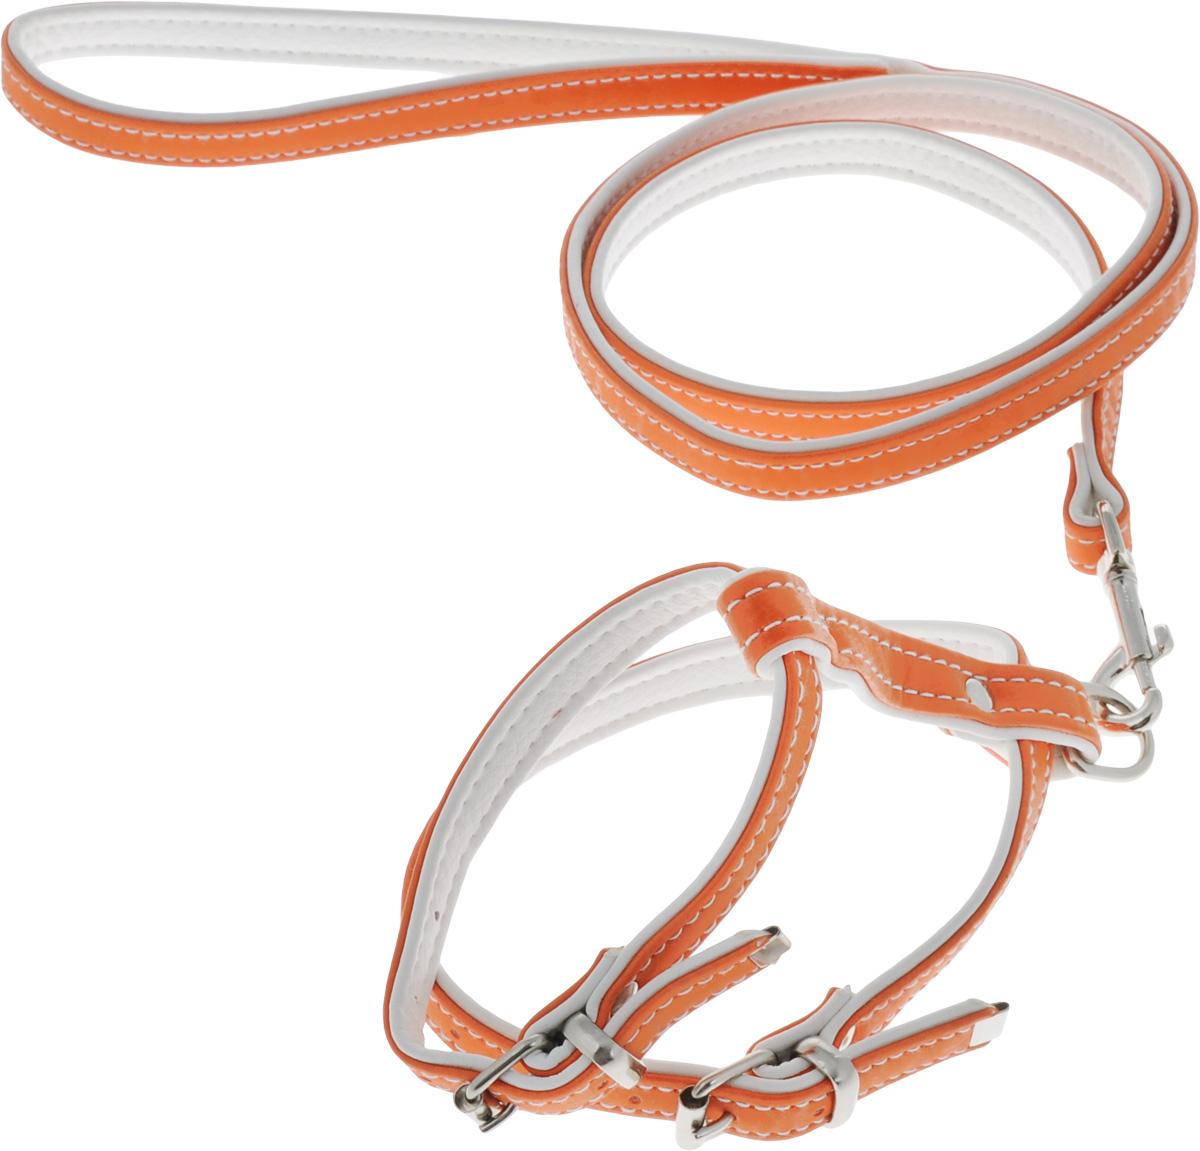 Комплект для животных Аркон Техно, цвет: оранжевый, белый, 2 предметакт12оКомплект для животных Аркон Техно состоит из шлейки и поводка. Изделия изготовлены из искусственной кожи, фурнитура - из сверхпрочных сплавов металла. Надежная конструкция обеспечит вашему четвероногому другу комфортную и безопасную прогулку. Такой комплект подходит как для кошек, так и для мелких пород собак. Длина поводка: 1,1 м. Ширина поводка: 1,4 см. Обхват шеи: 18,5 - 25 см. Обхват груди: 29 - 35,5 см. Длина спинки: 10,5 см. Ширина ремней: 1,4 см; 1,6 см.